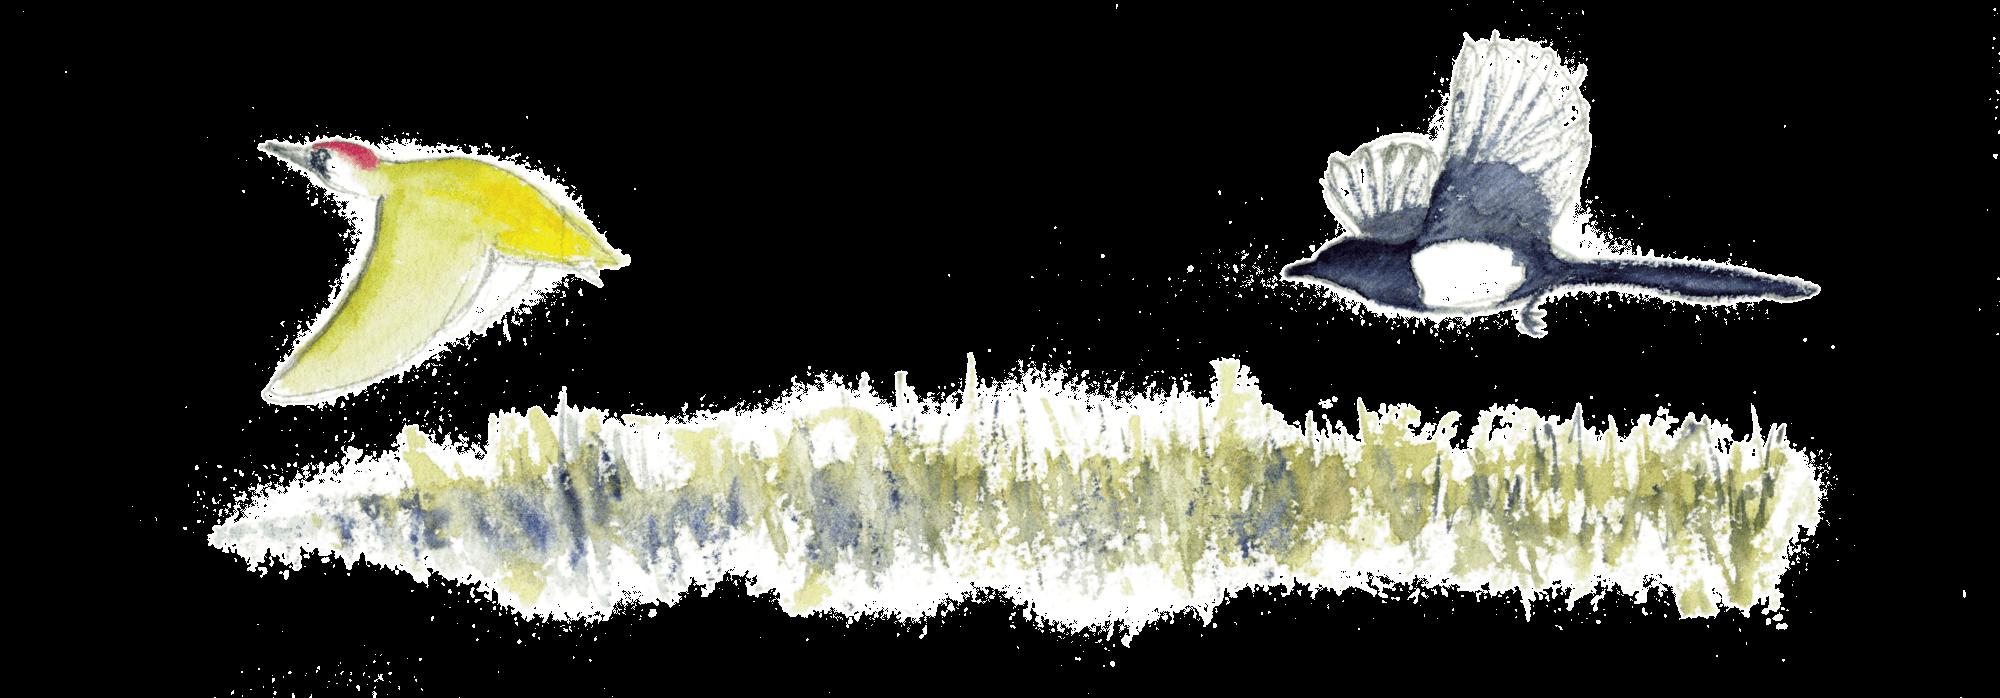 La nature a rendez-vous dans le verger